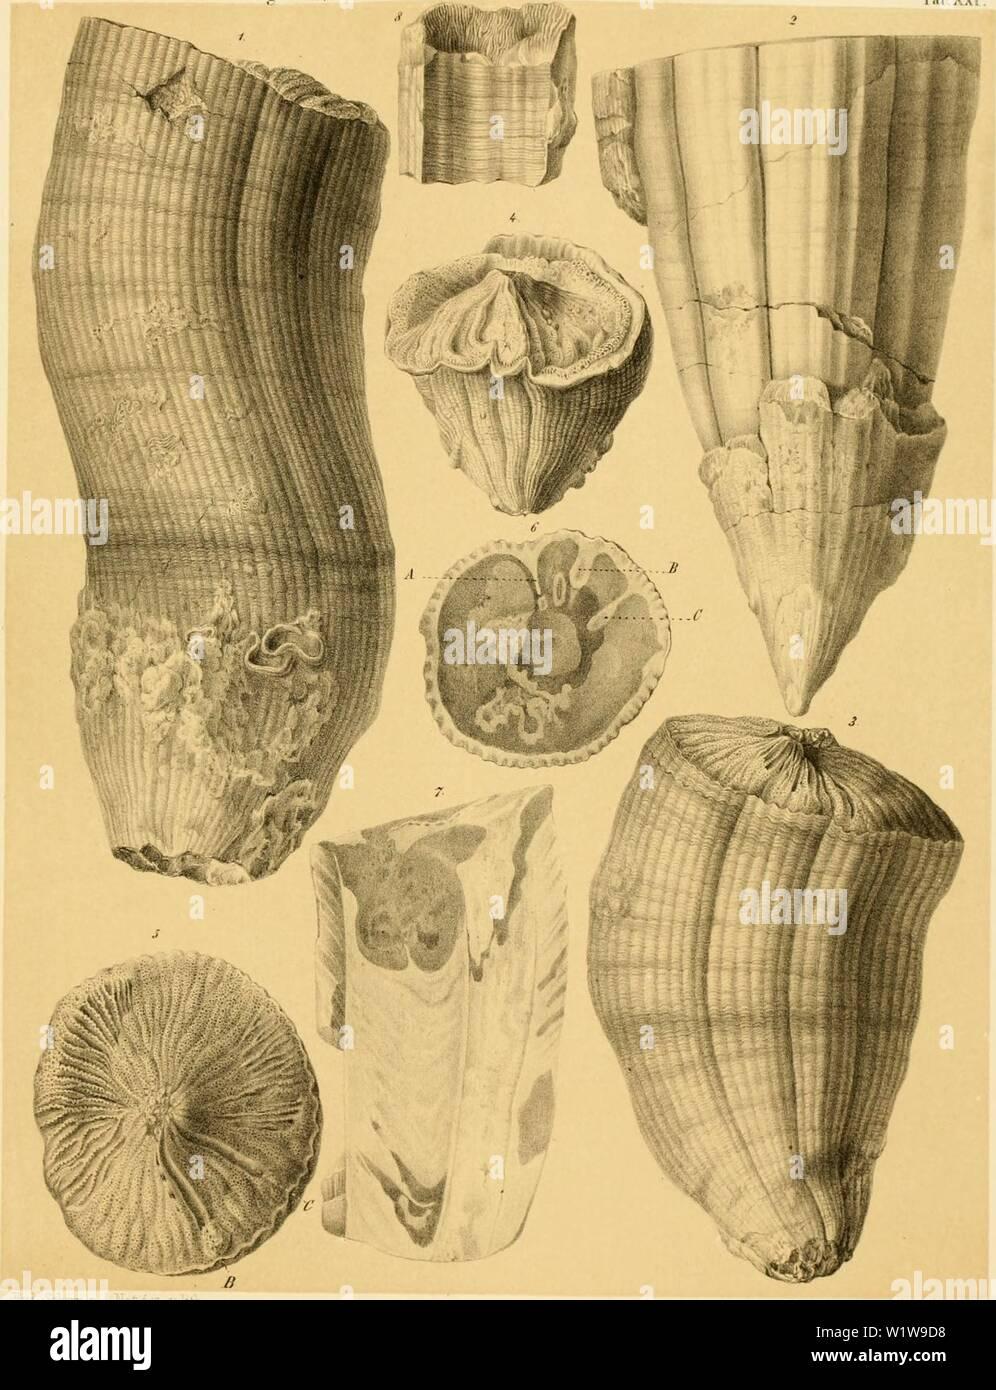 Archive image from page 626 of Denkschriften der Kaiserlichen Akademie der. Denkschriften der Kaiserlichen Akademie der Wissenschaften, Mathematisch-Naturwissenschaftliche Classe  denkschriftender25kais Year: 1866 y.illi'l. Ilrt' Jiivalvcii iltT l)us;uit>'('liil(l(>. Taf.XXl.    iliti. Sdumn. n. i Dciiksrliriru'ii der k.Ak.ul d WissfiiM-li Mintliciii iialiinv Cl.X.W. Inl ISti'.' Stock Photo